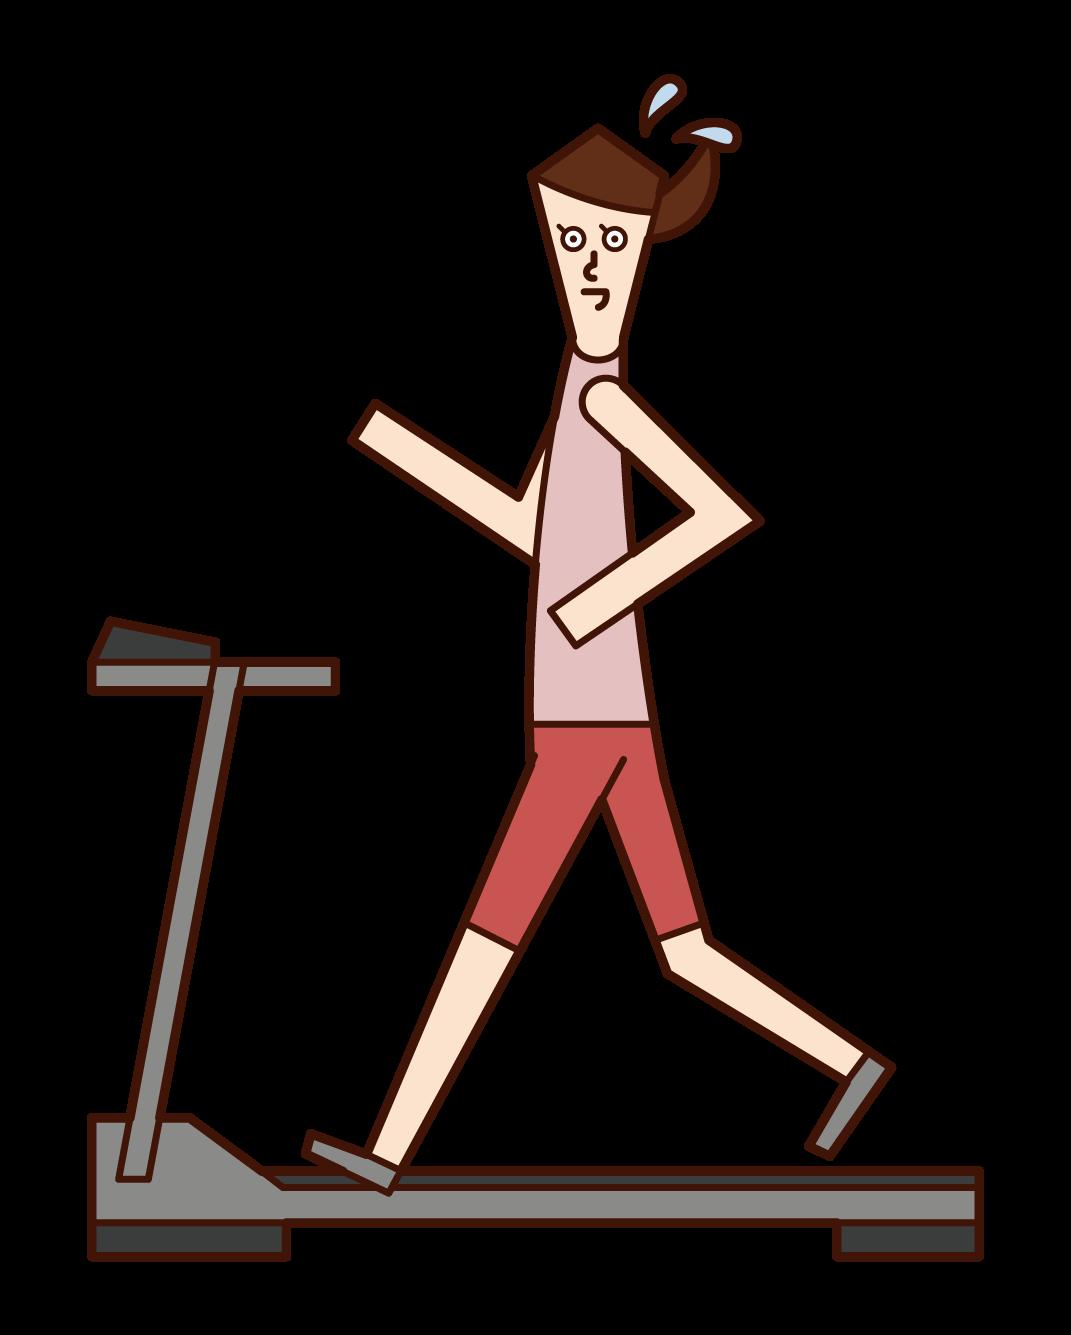 러닝머신에서 달리는 사람(여성)의 그림입니다